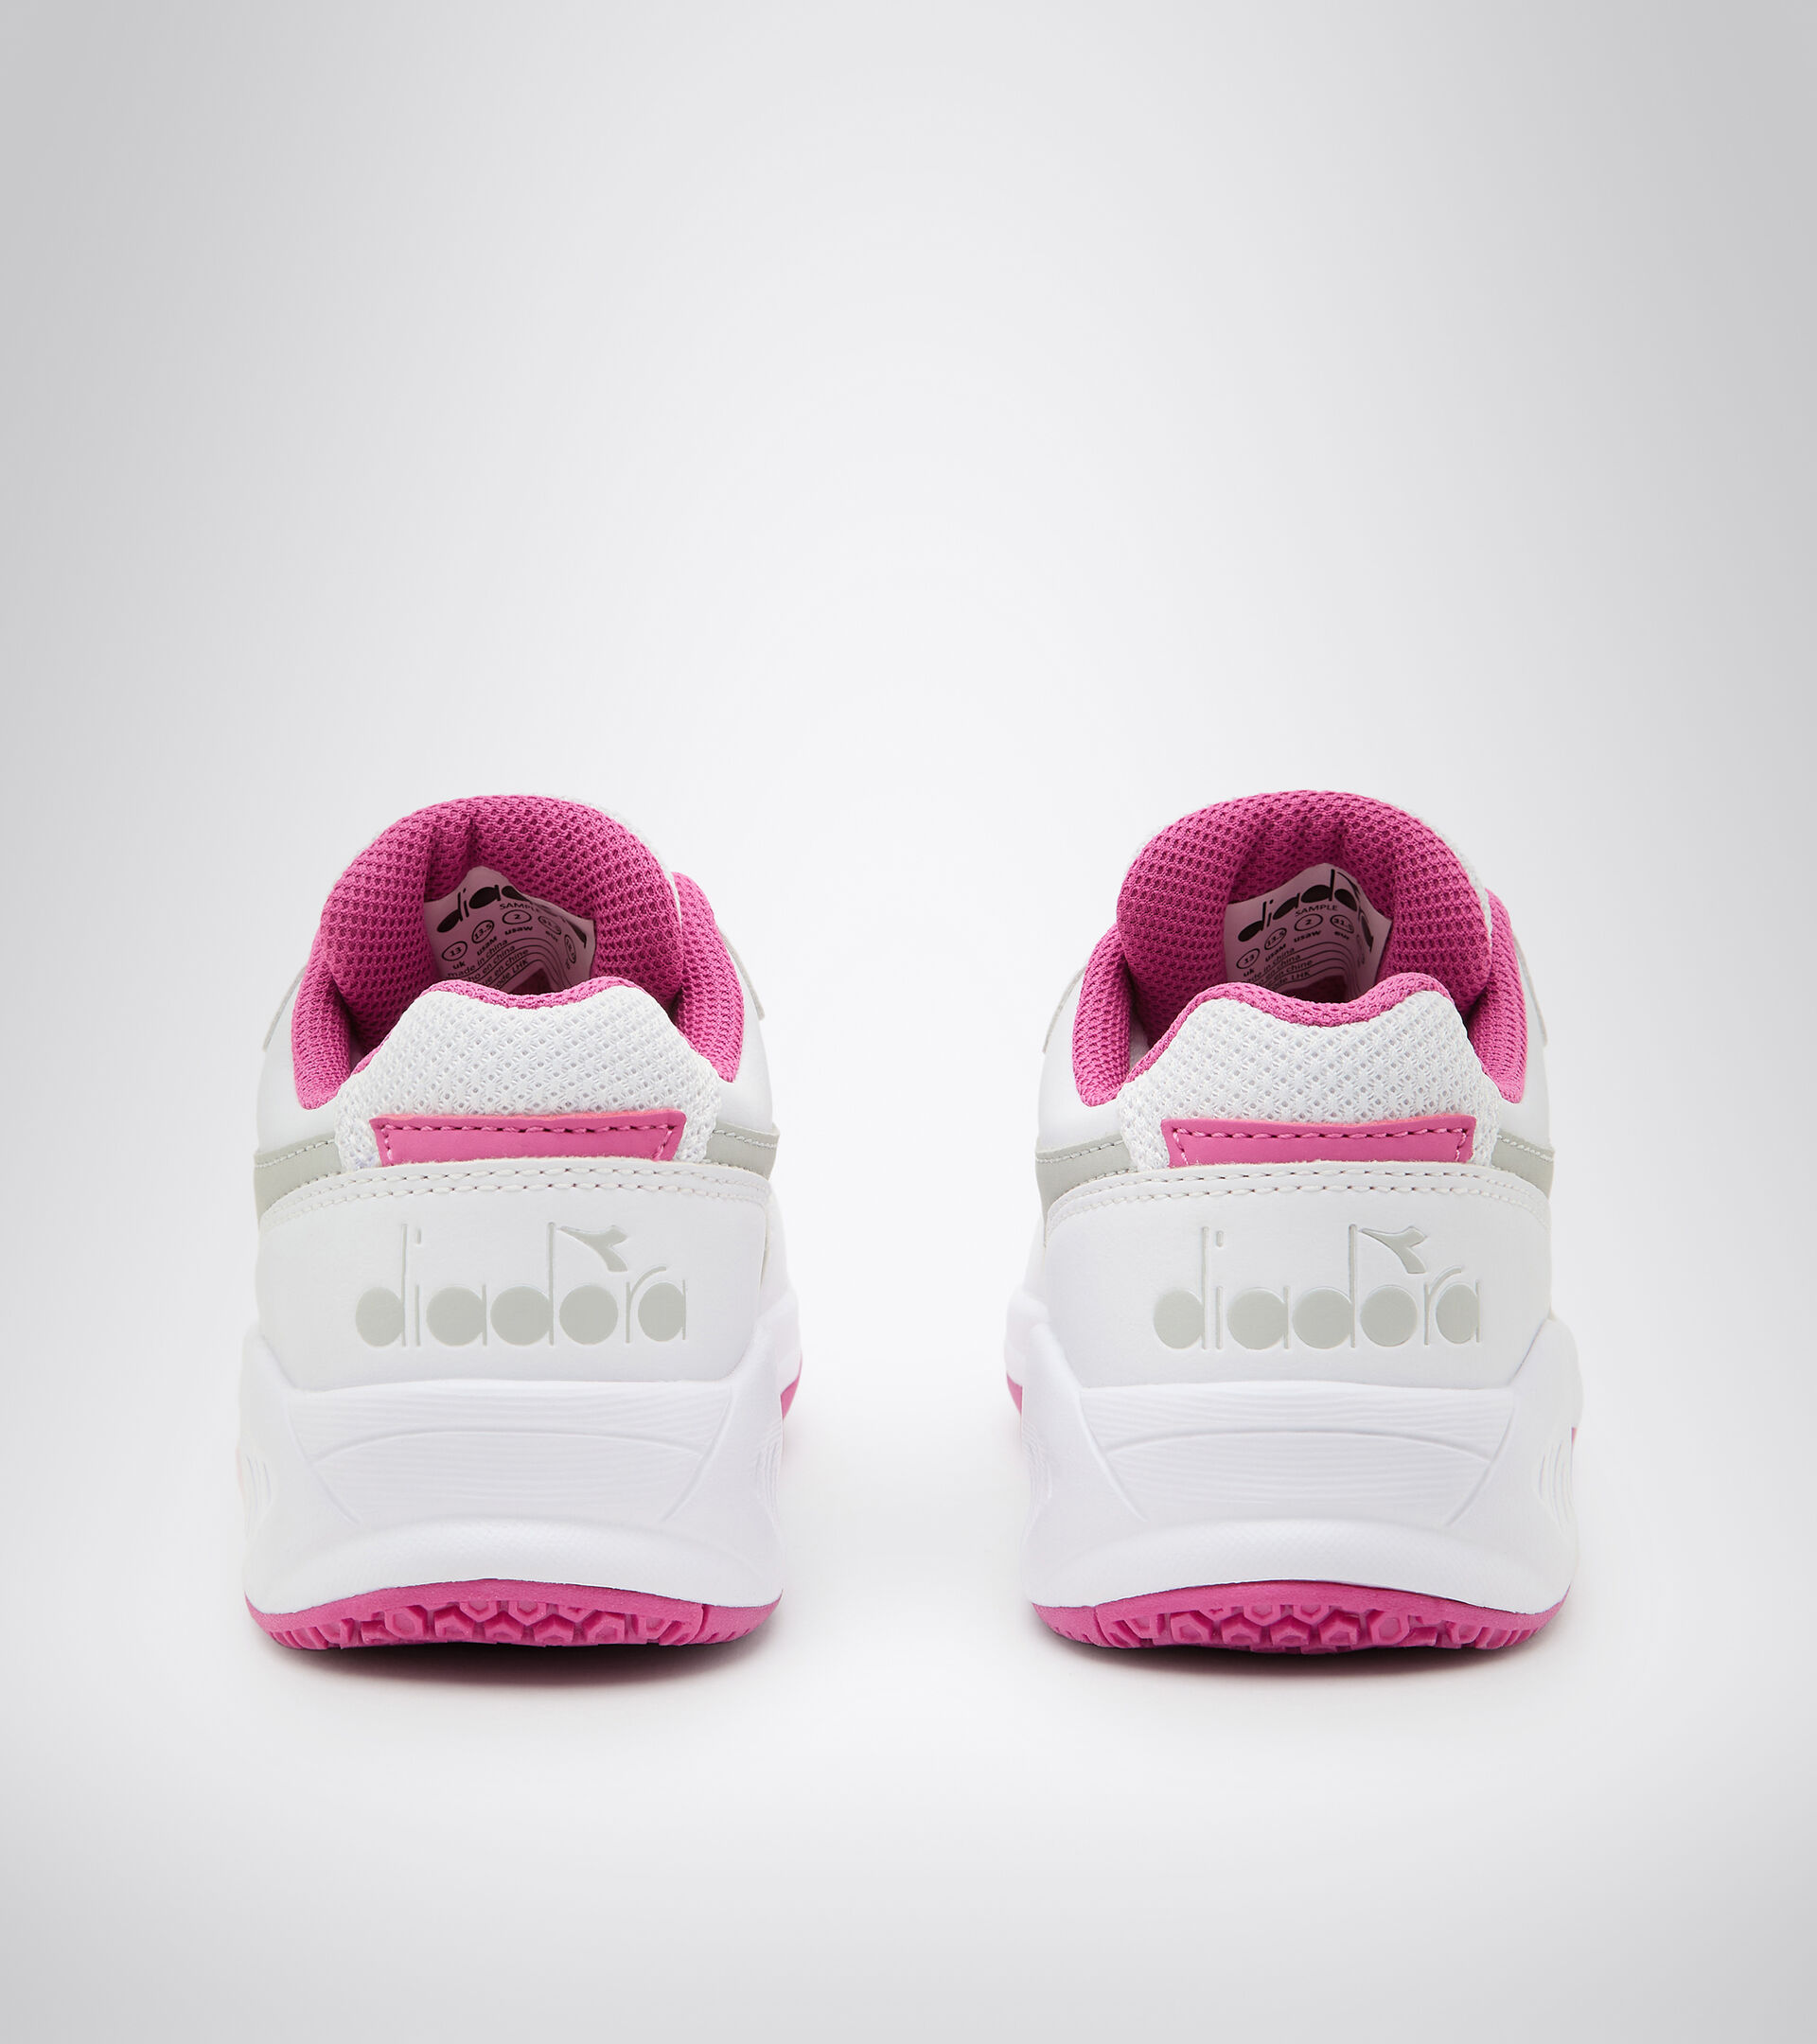 Chaussures de tennis pour terrains durs et terre battue - Unisexe Enfant S. CHALLENGE 3 SL JR BLANC/ROSE IBIS - Diadora